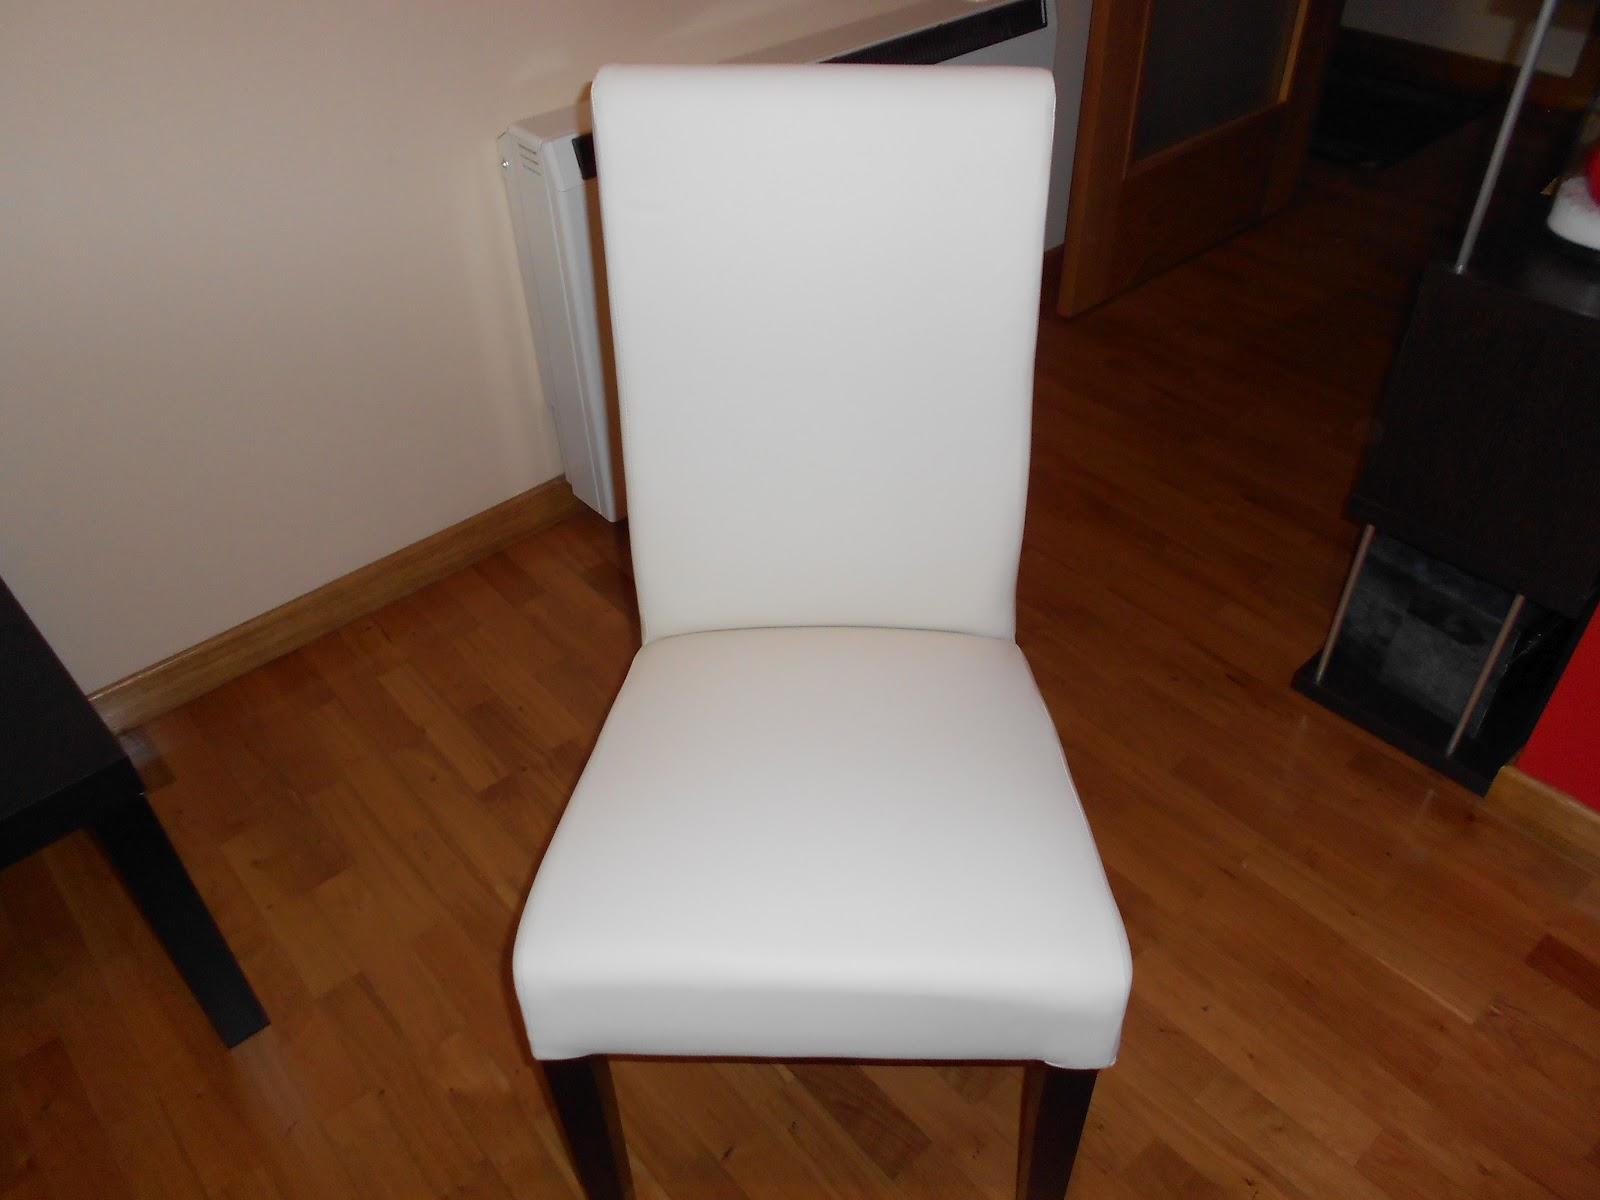 Comprar ofertas platos de ducha muebles sofas spain - Fundas sillas comedor ...